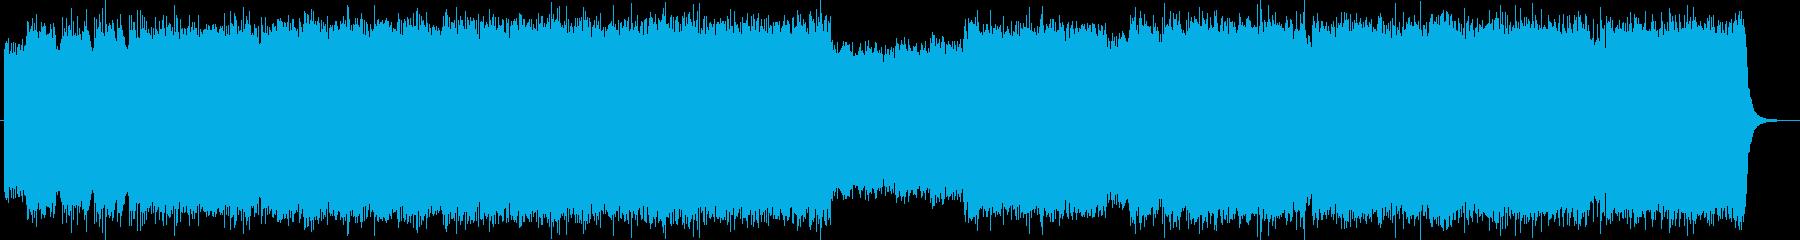 バンドサウンドの縦ノリなロックの再生済みの波形